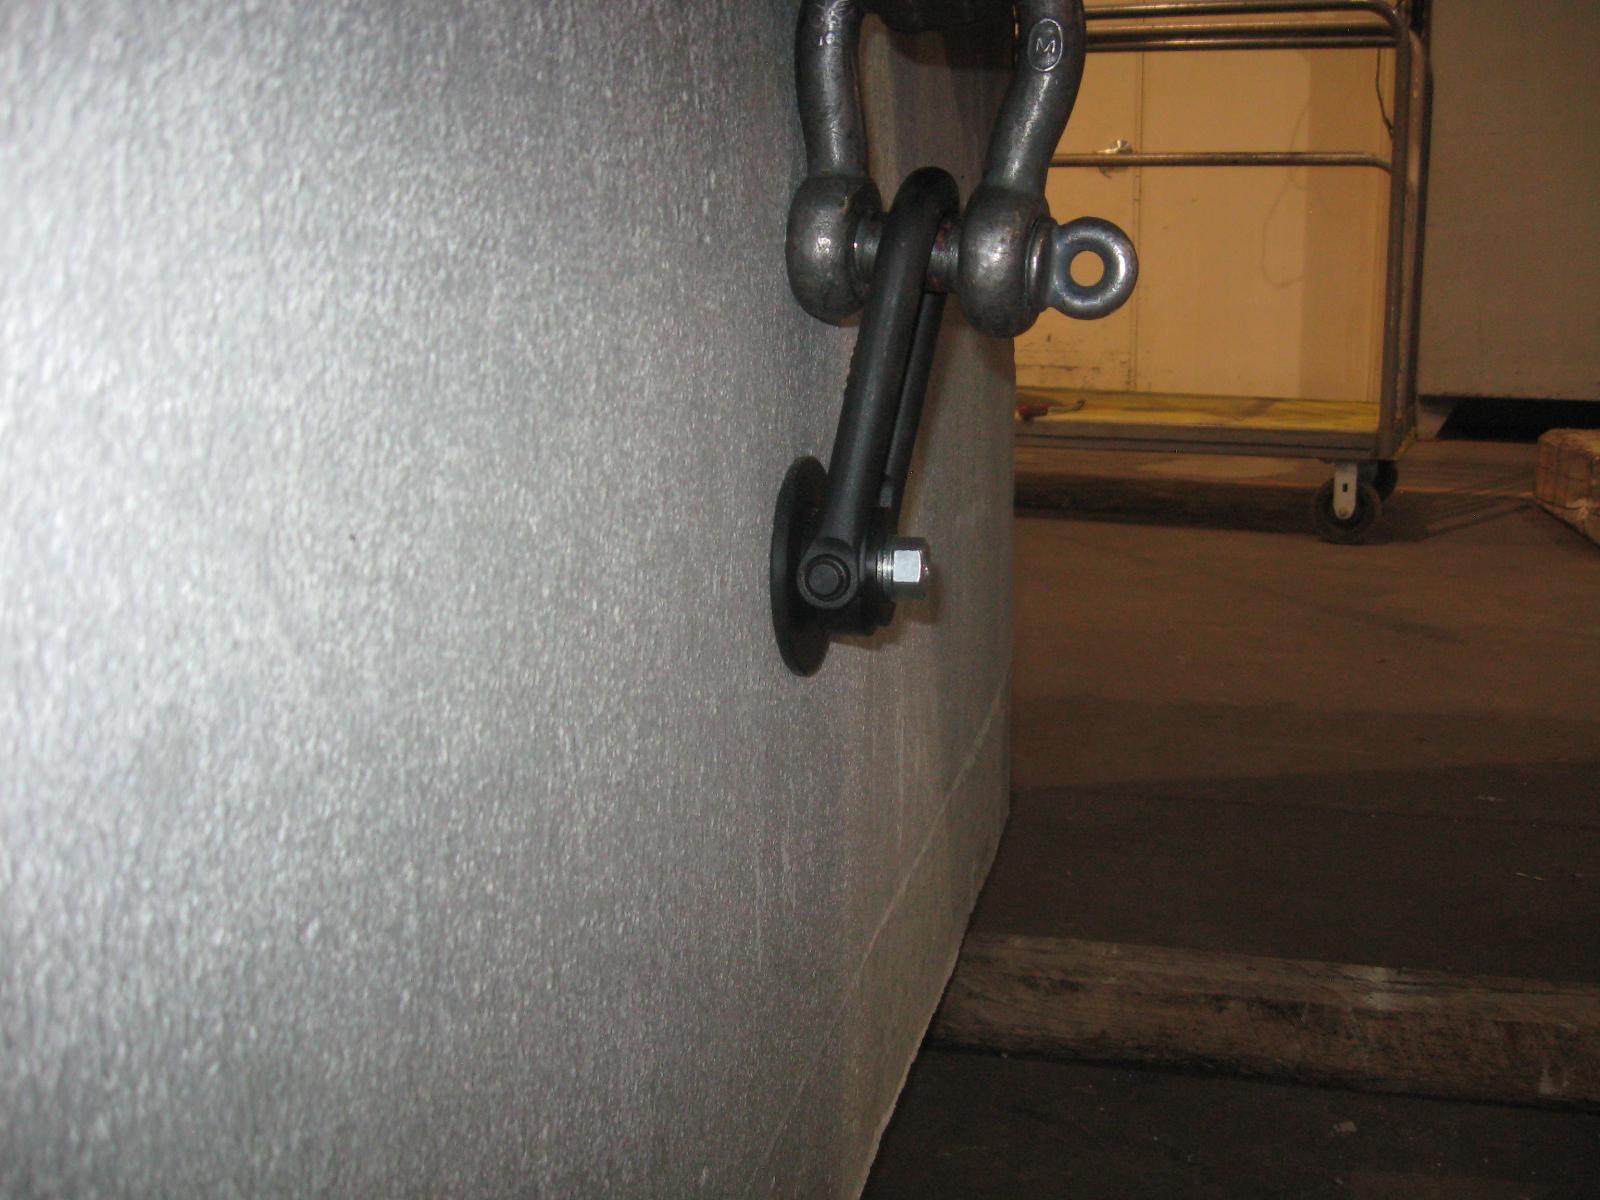 2 500 Lb Single Pick Point For Concrete